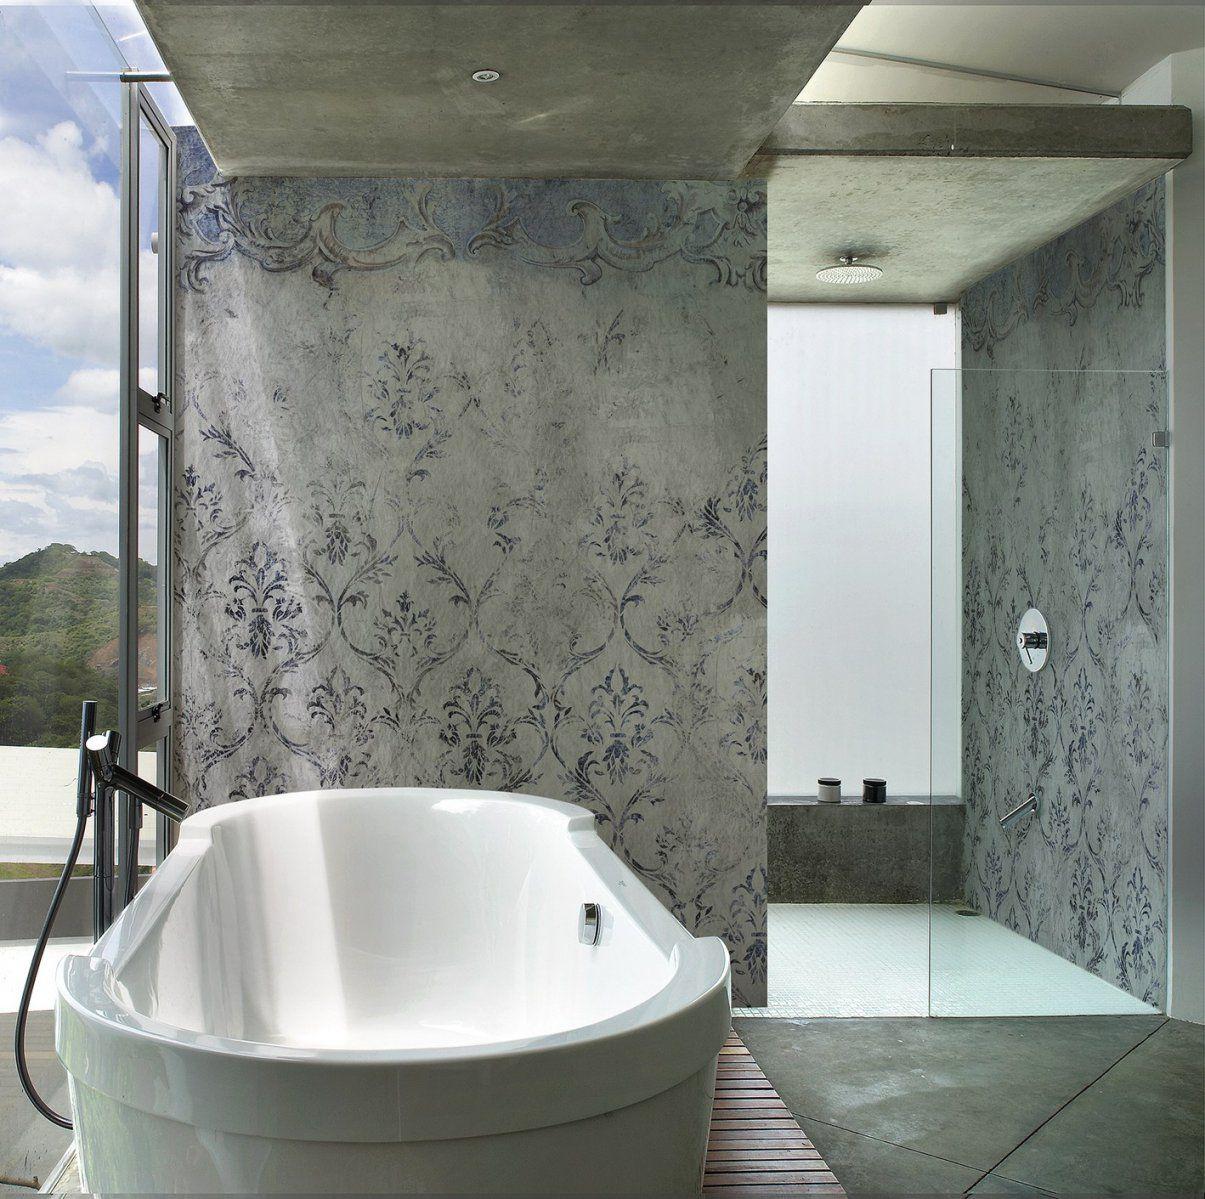 Die Fugenlose Dusche  Trendig Und Chic  Farbefreudeleben von Wasserfeste Farbe Für Dusche Bild